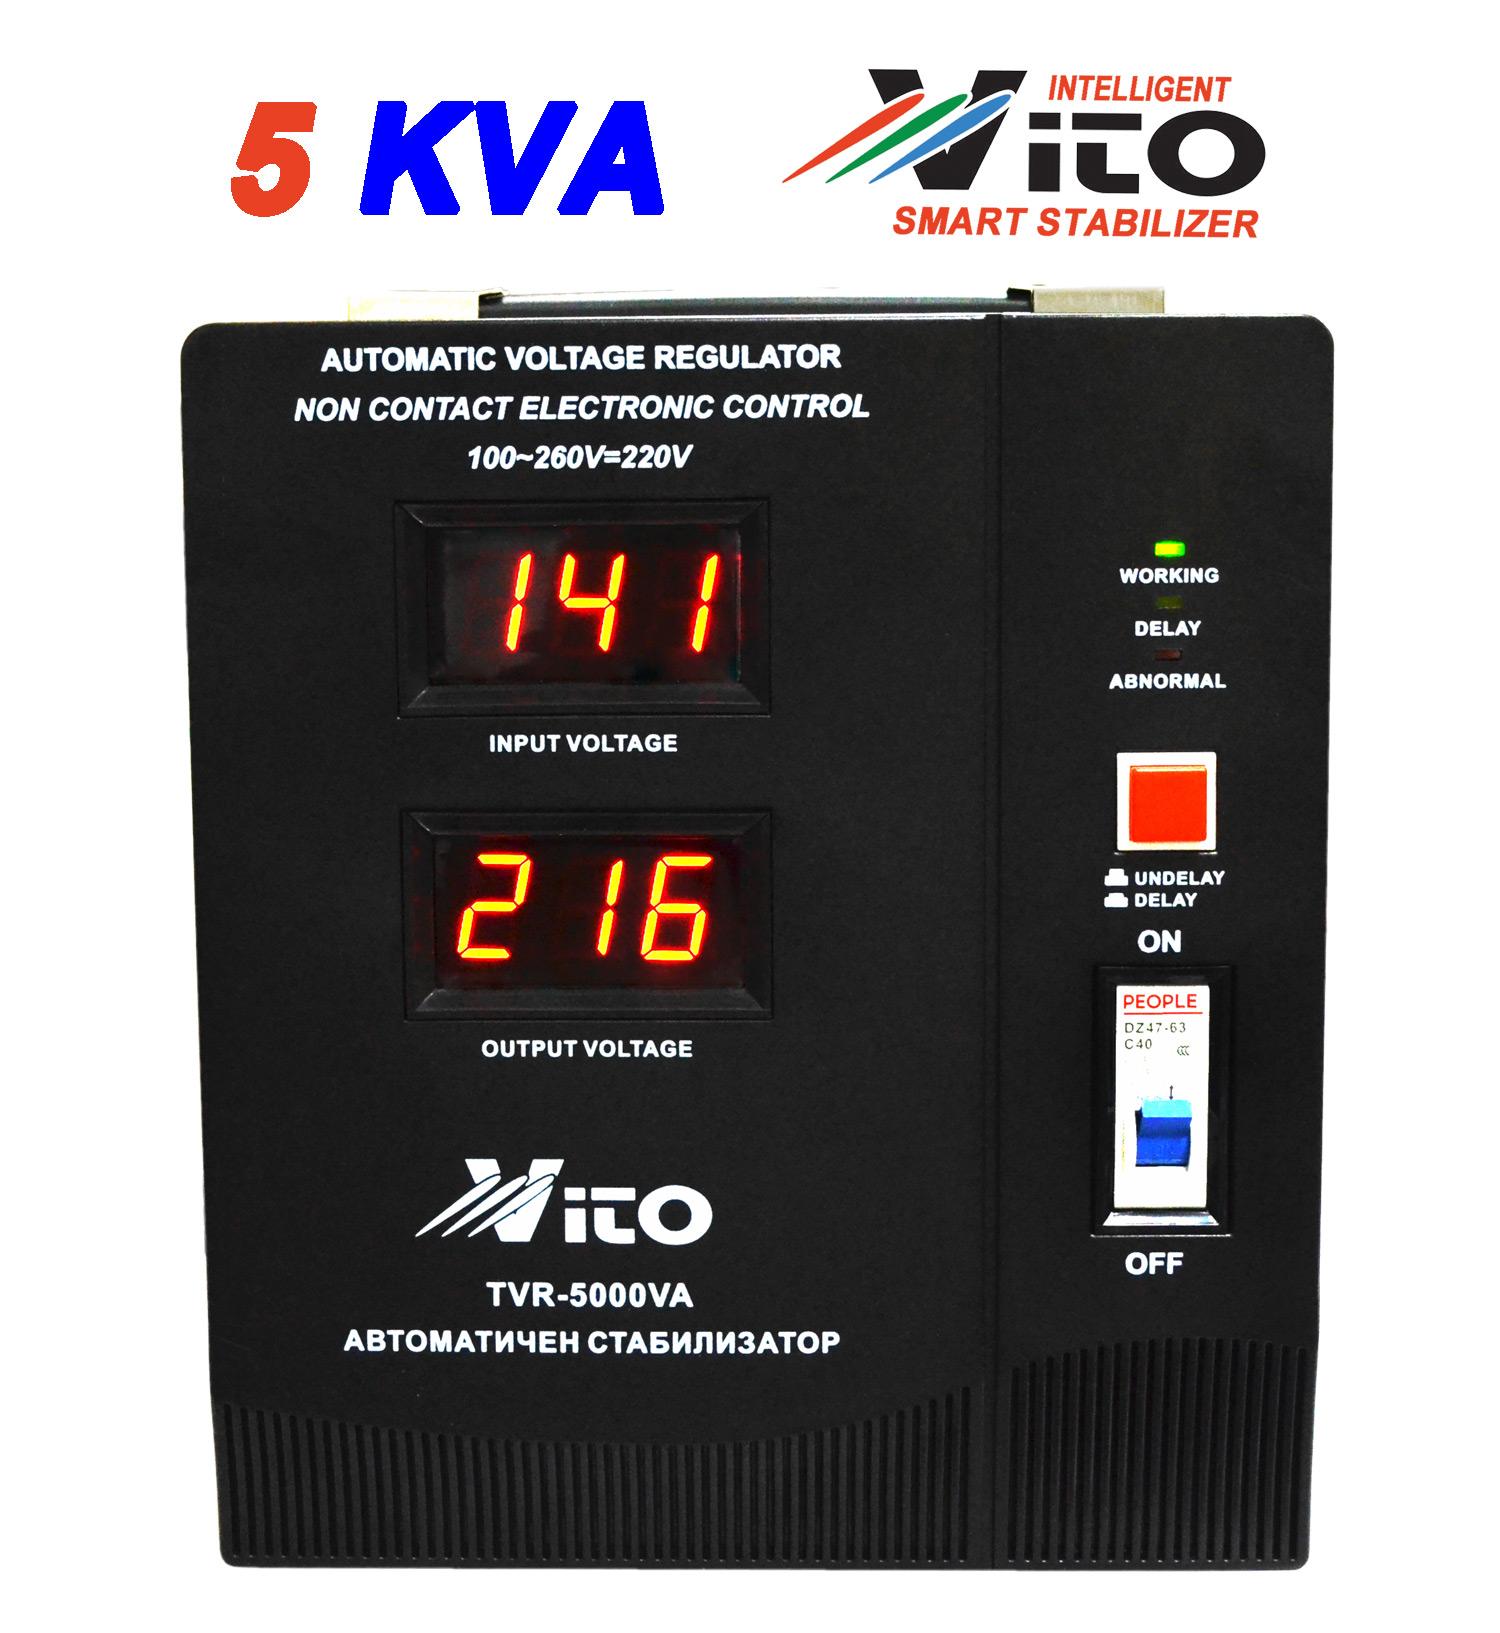 5-kVA-front_2